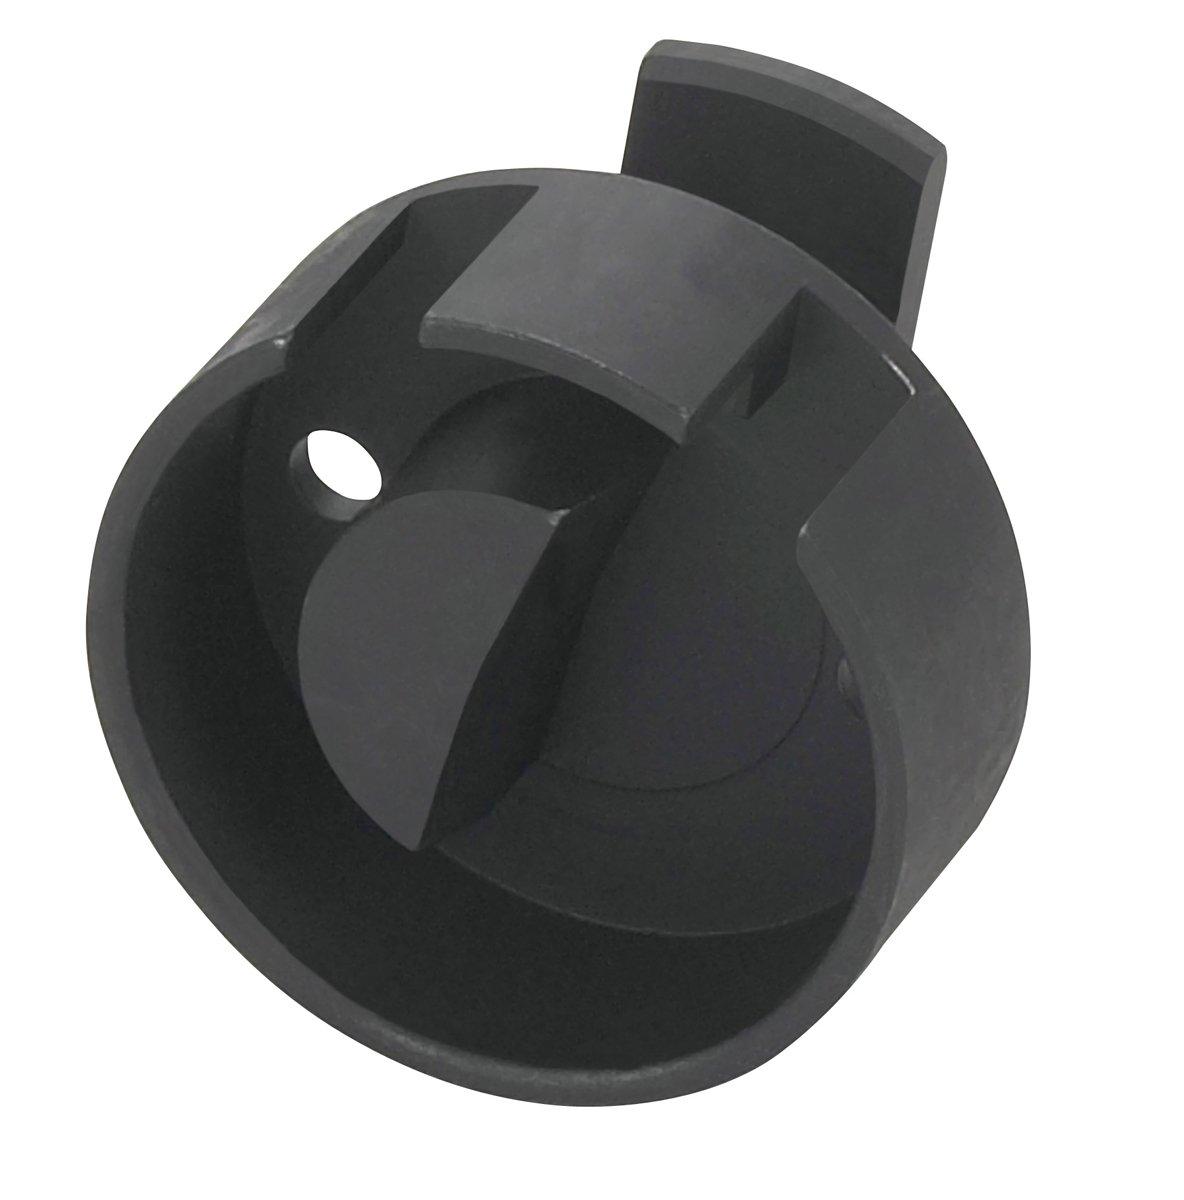 OTC 6472 Camshaft Sensor Synchronizer Tool for Ford SPXSF